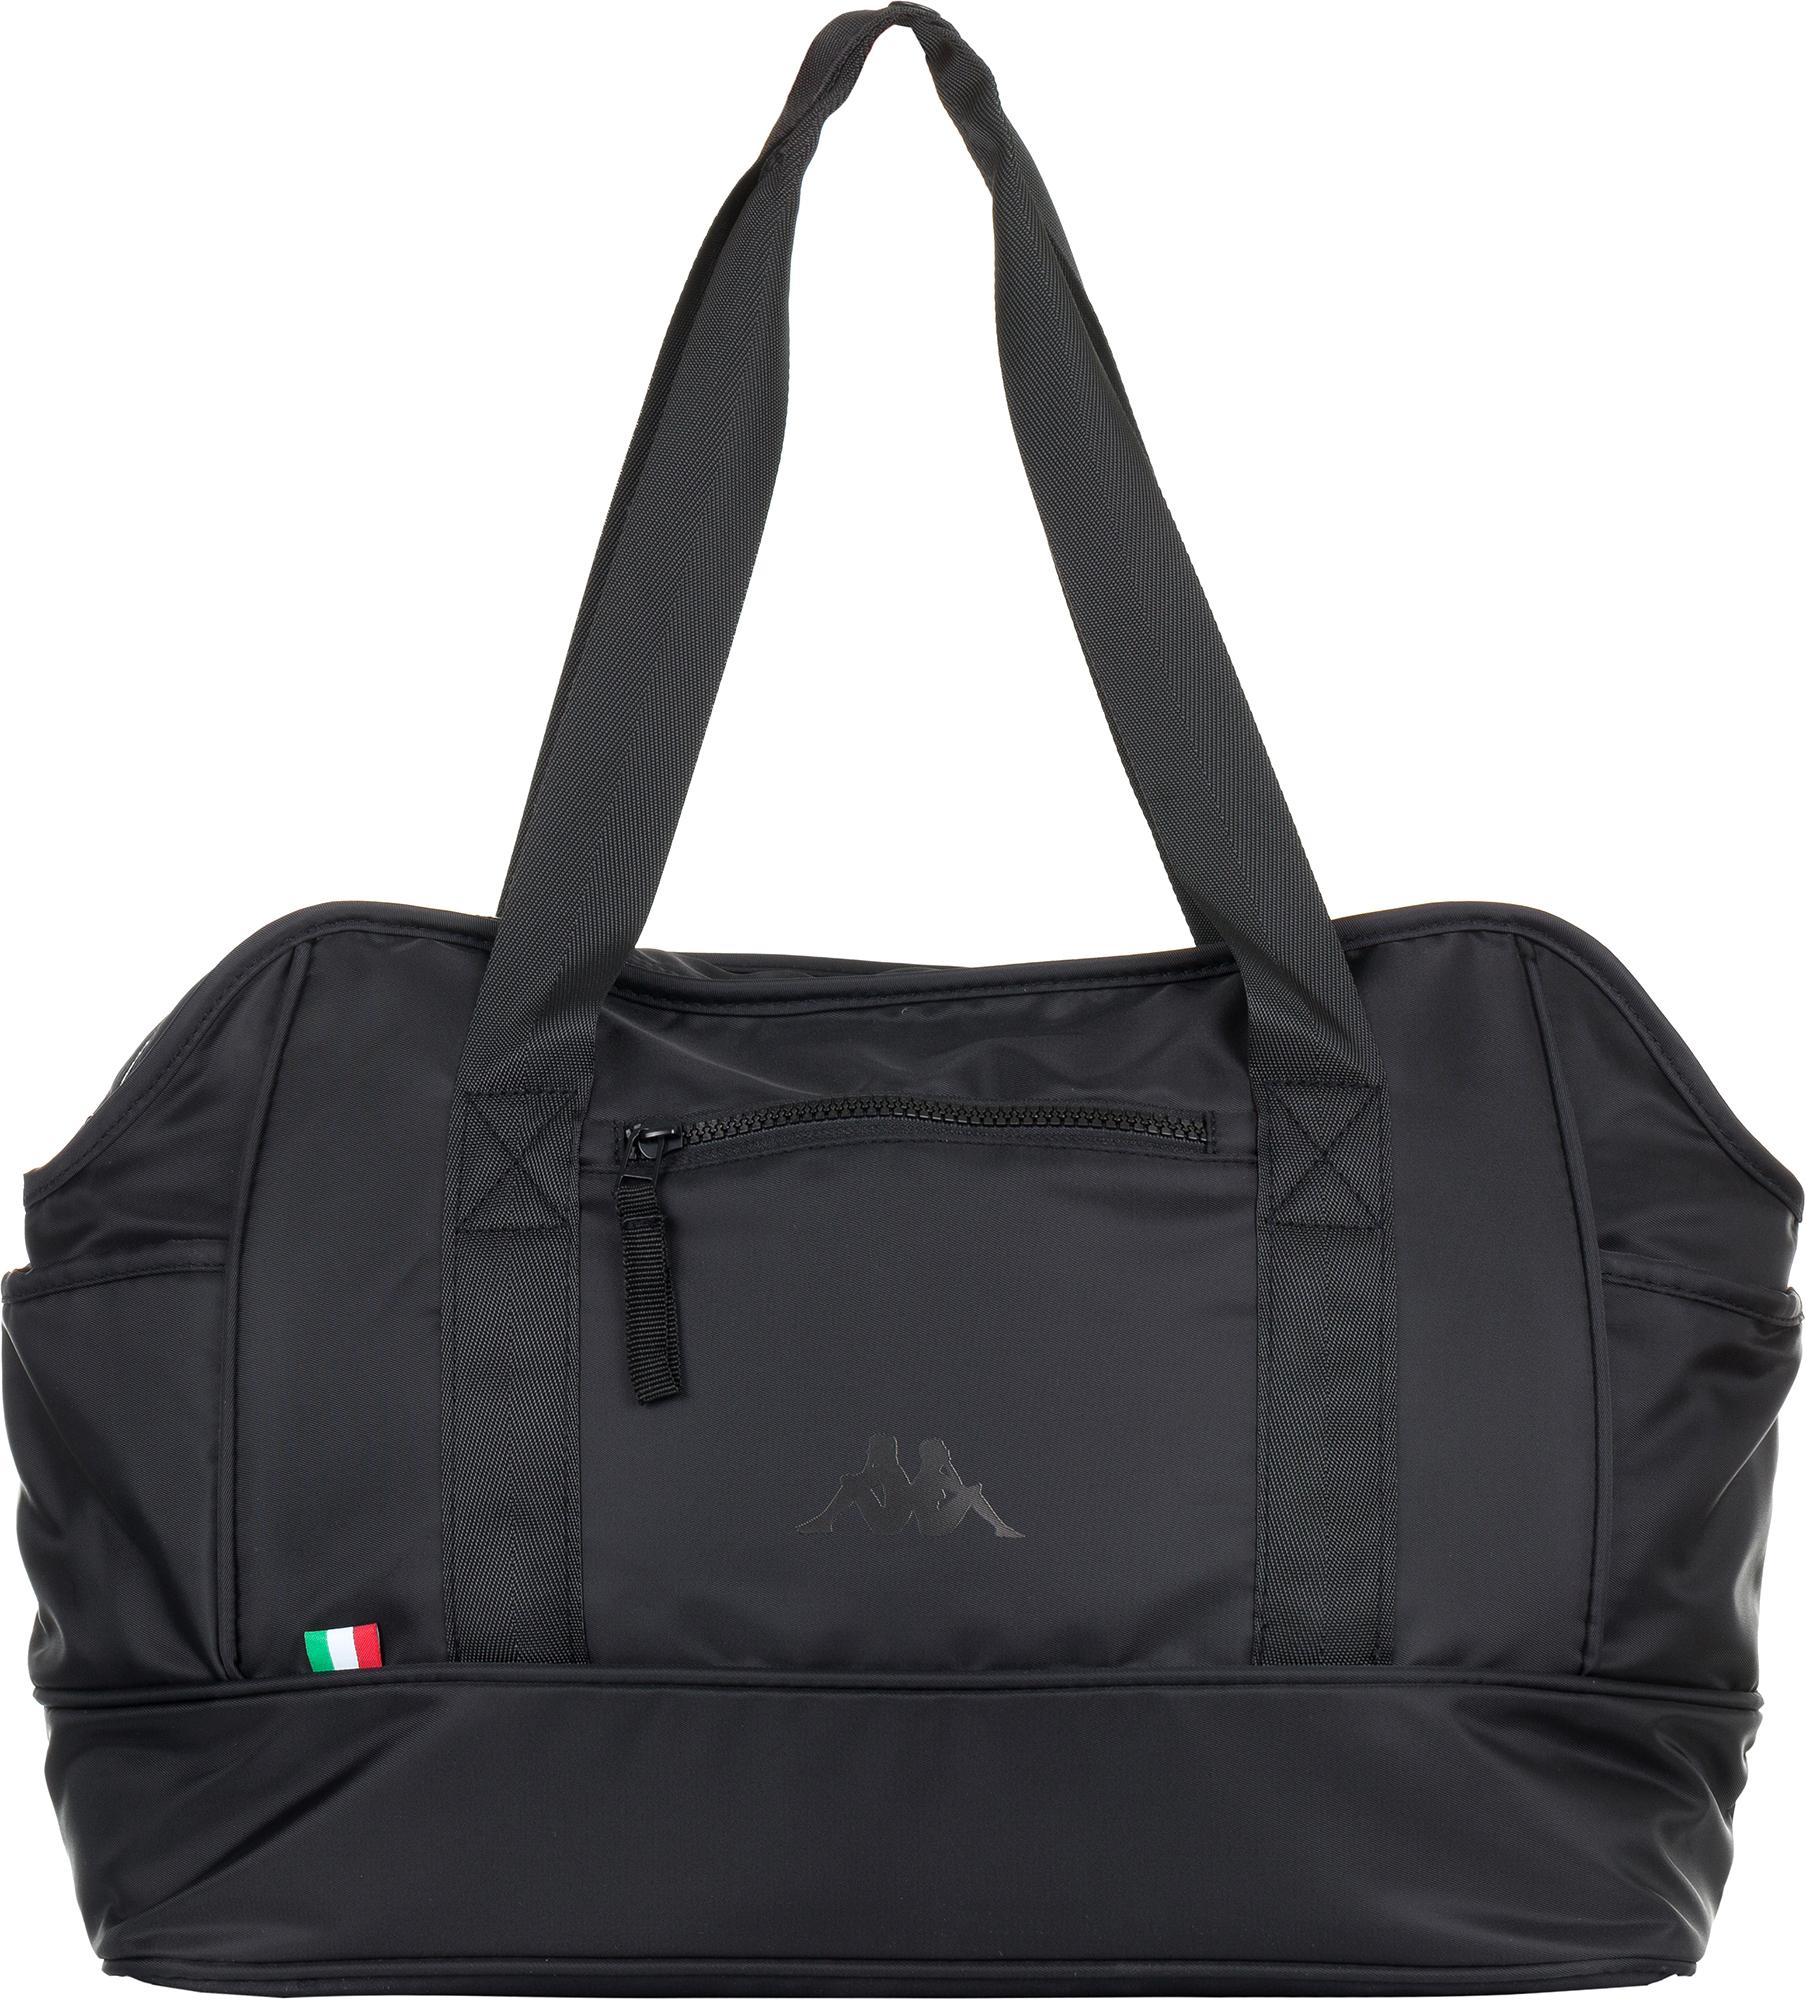 Kappa Сумка женская Kappa мужская стиральная сумка для путешествий женская косметическая сумка для мешков для женщин